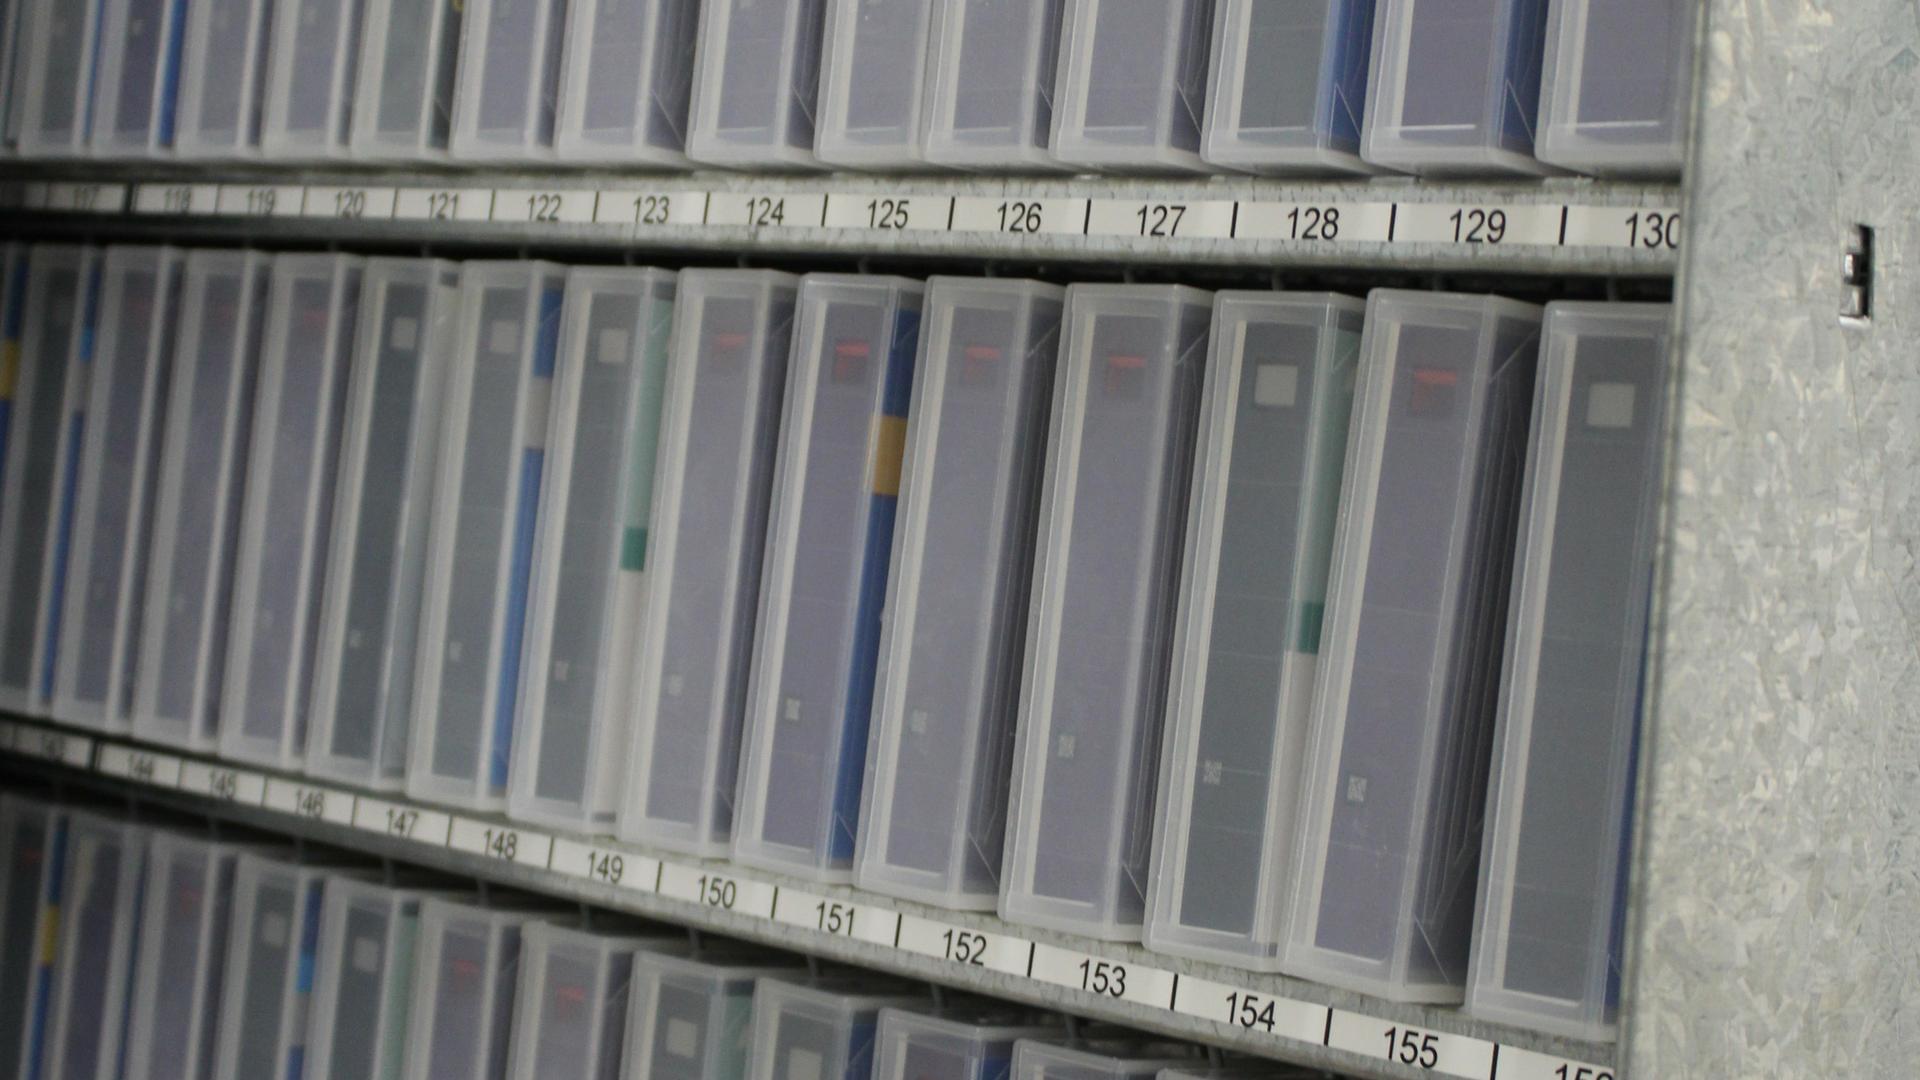 tape-vaulting-LTO-media-offsite-backups